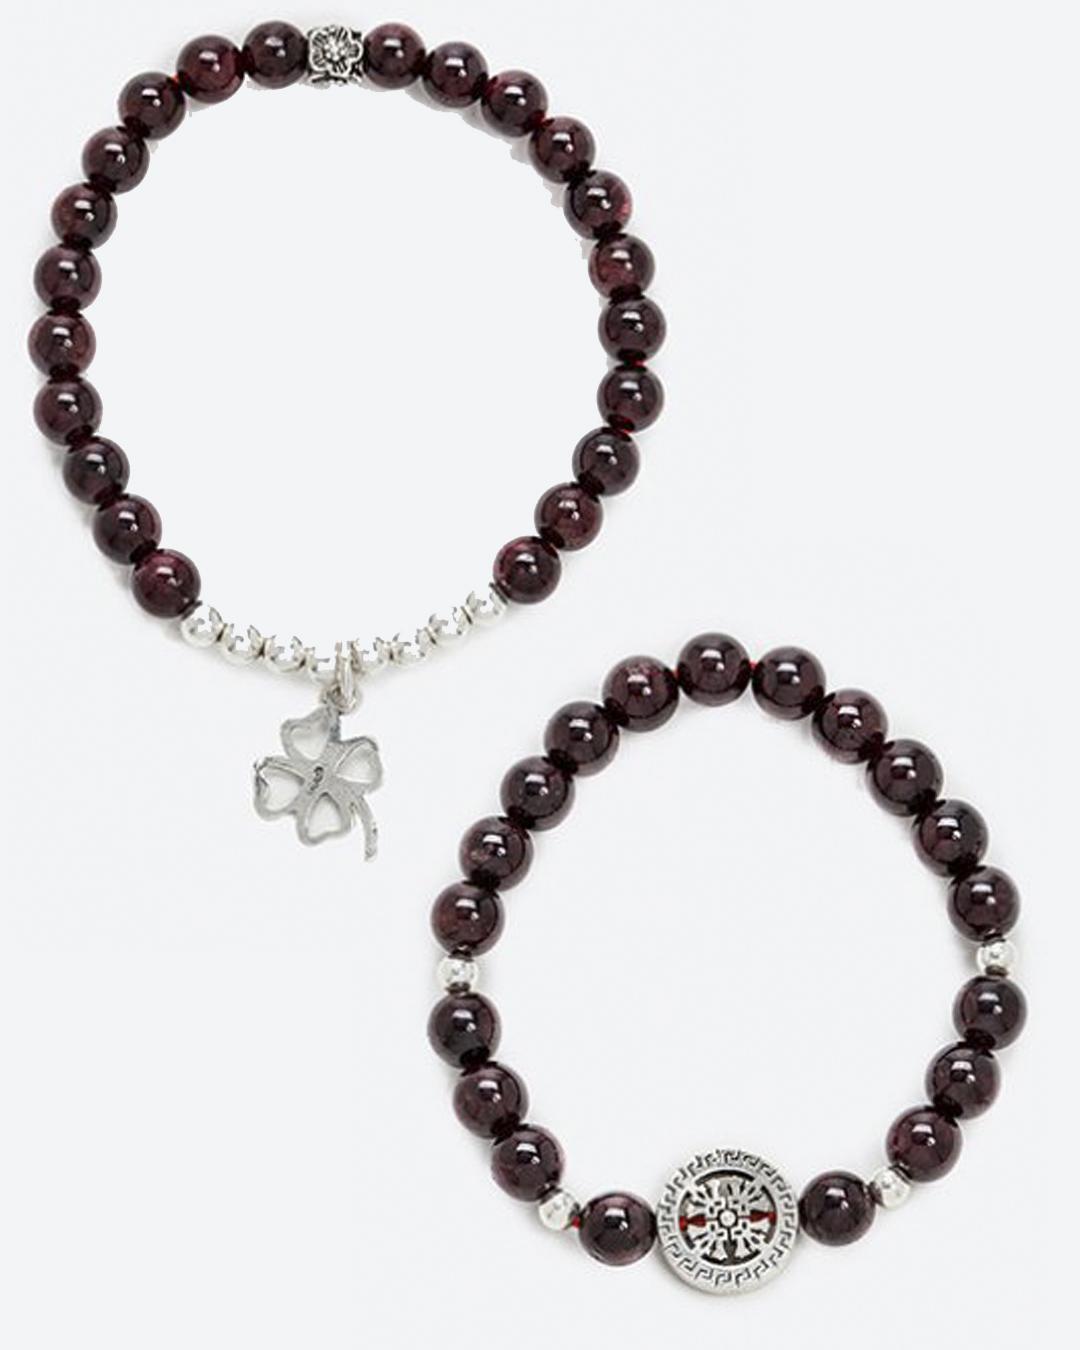 Vòng Đôi Đá Garnet Mix Charm Bạc Mệnh Hoả,Thổ 8mm (màu đỏ mận) - Ngọc Quý Gemstones